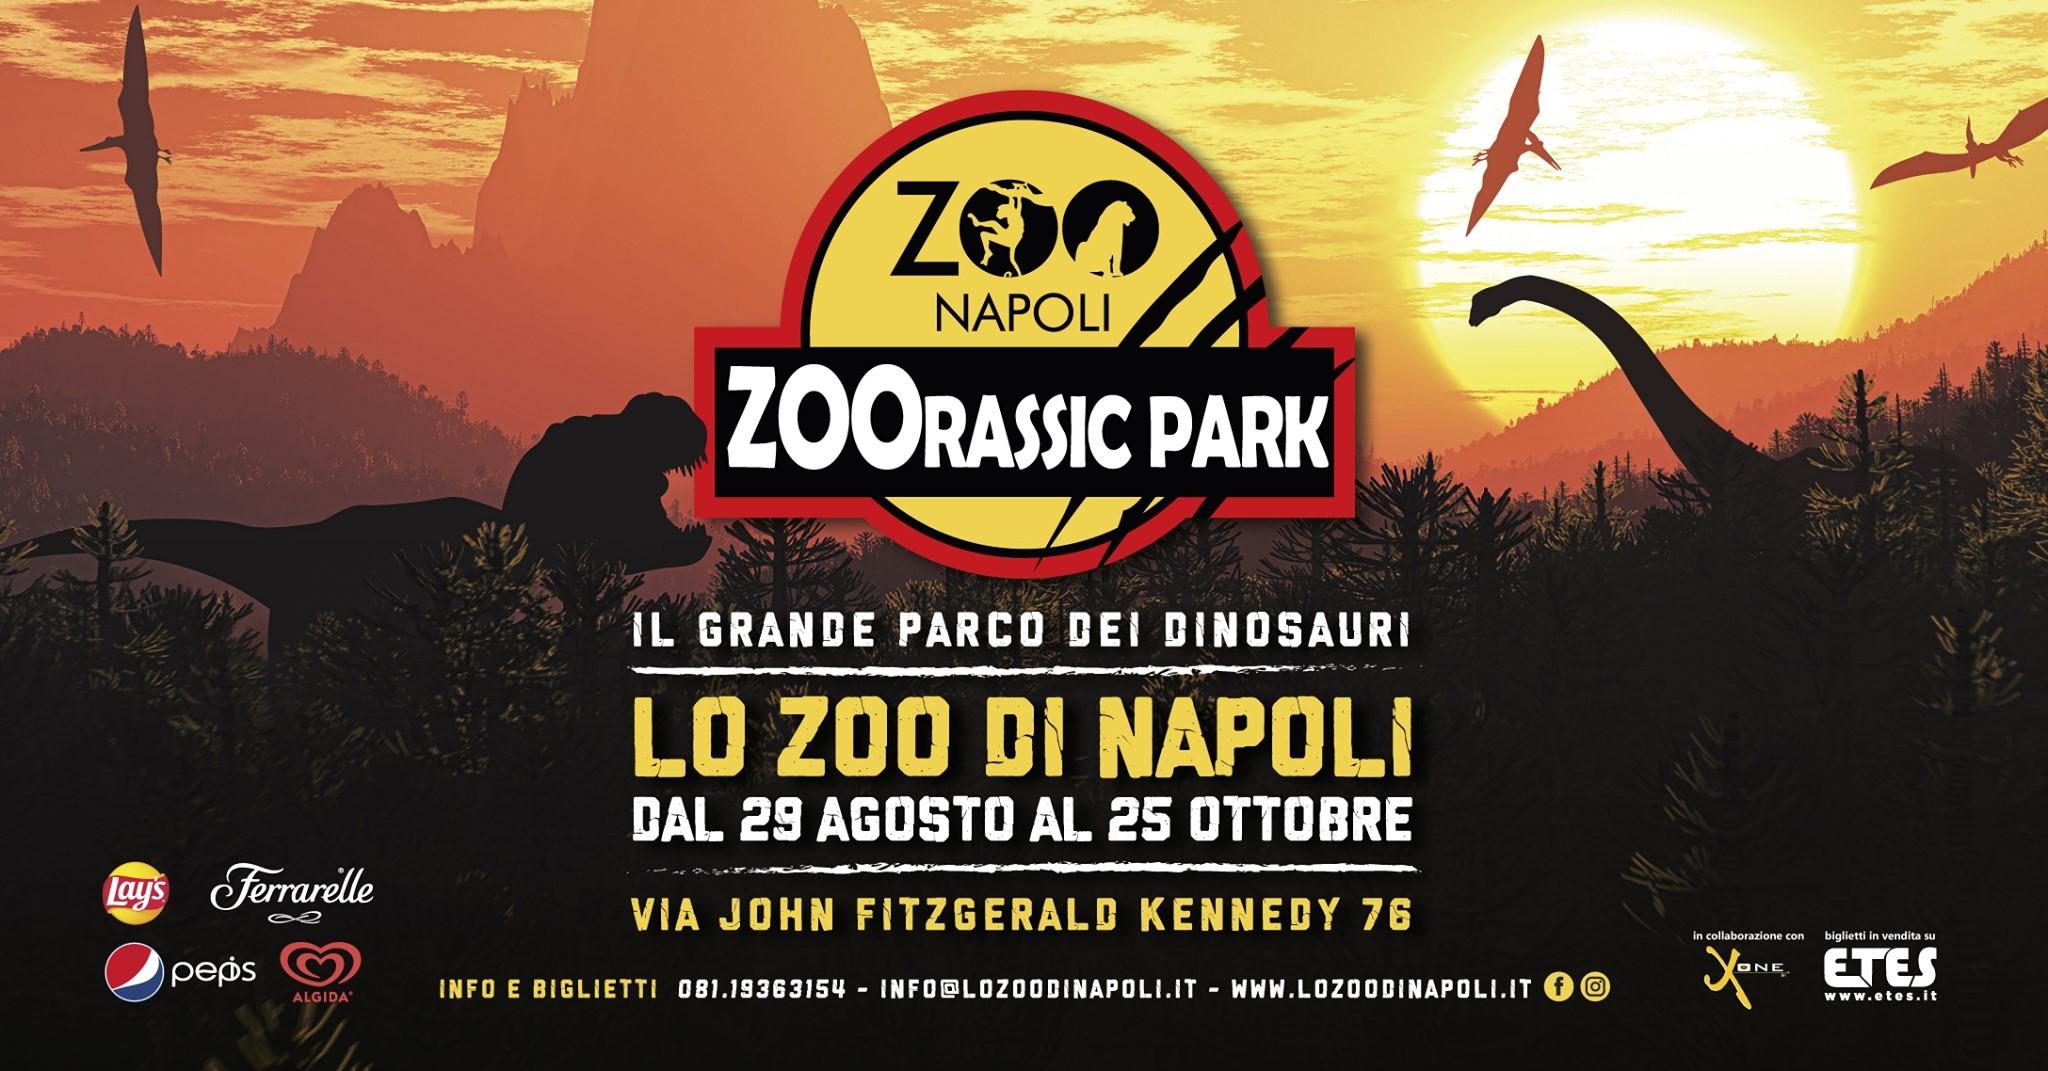 Eventi Napoli 17-18 ottobre: Zoorassic Park allo Zoo e le mostre d'arte a Capodimonte